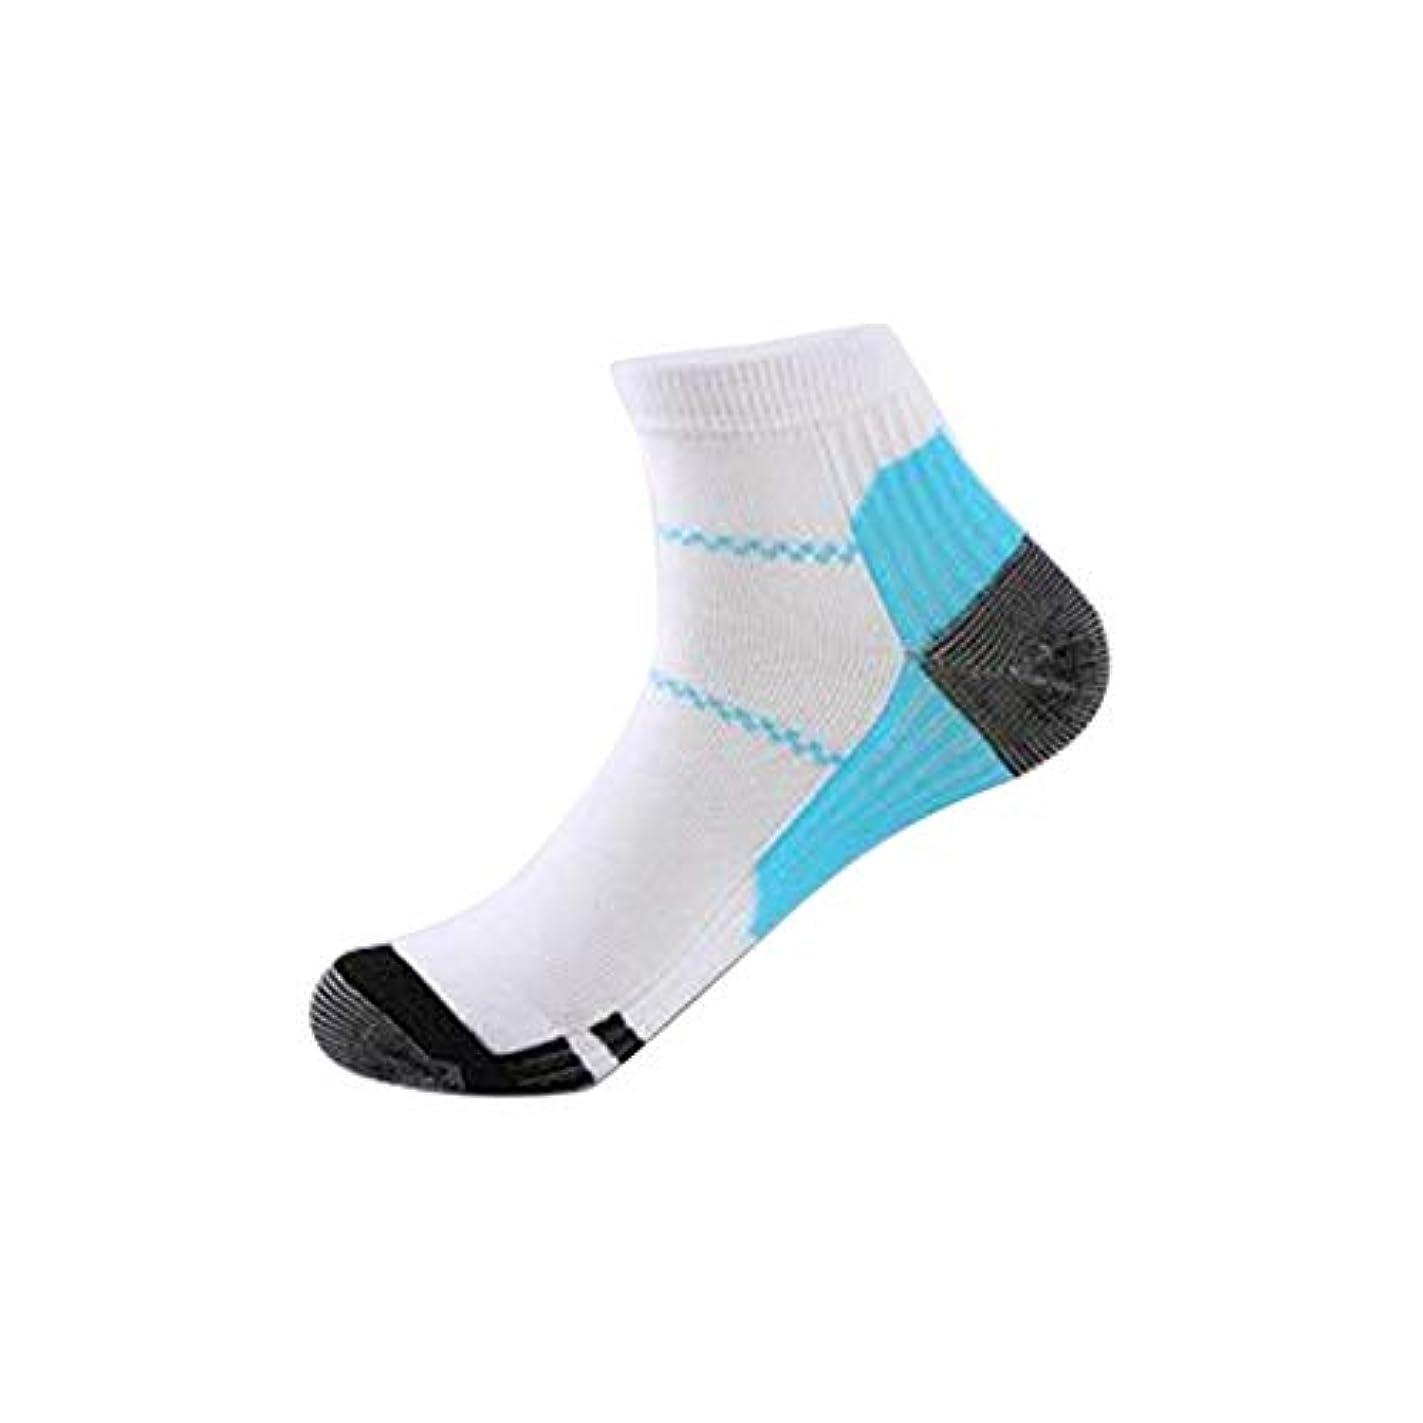 費用頑張る道路快適な男性女性ファッション短いストレッチ圧縮靴下膝ソックスサポートストレッチ通気性ソックス - ホワイト&ブルーS/M